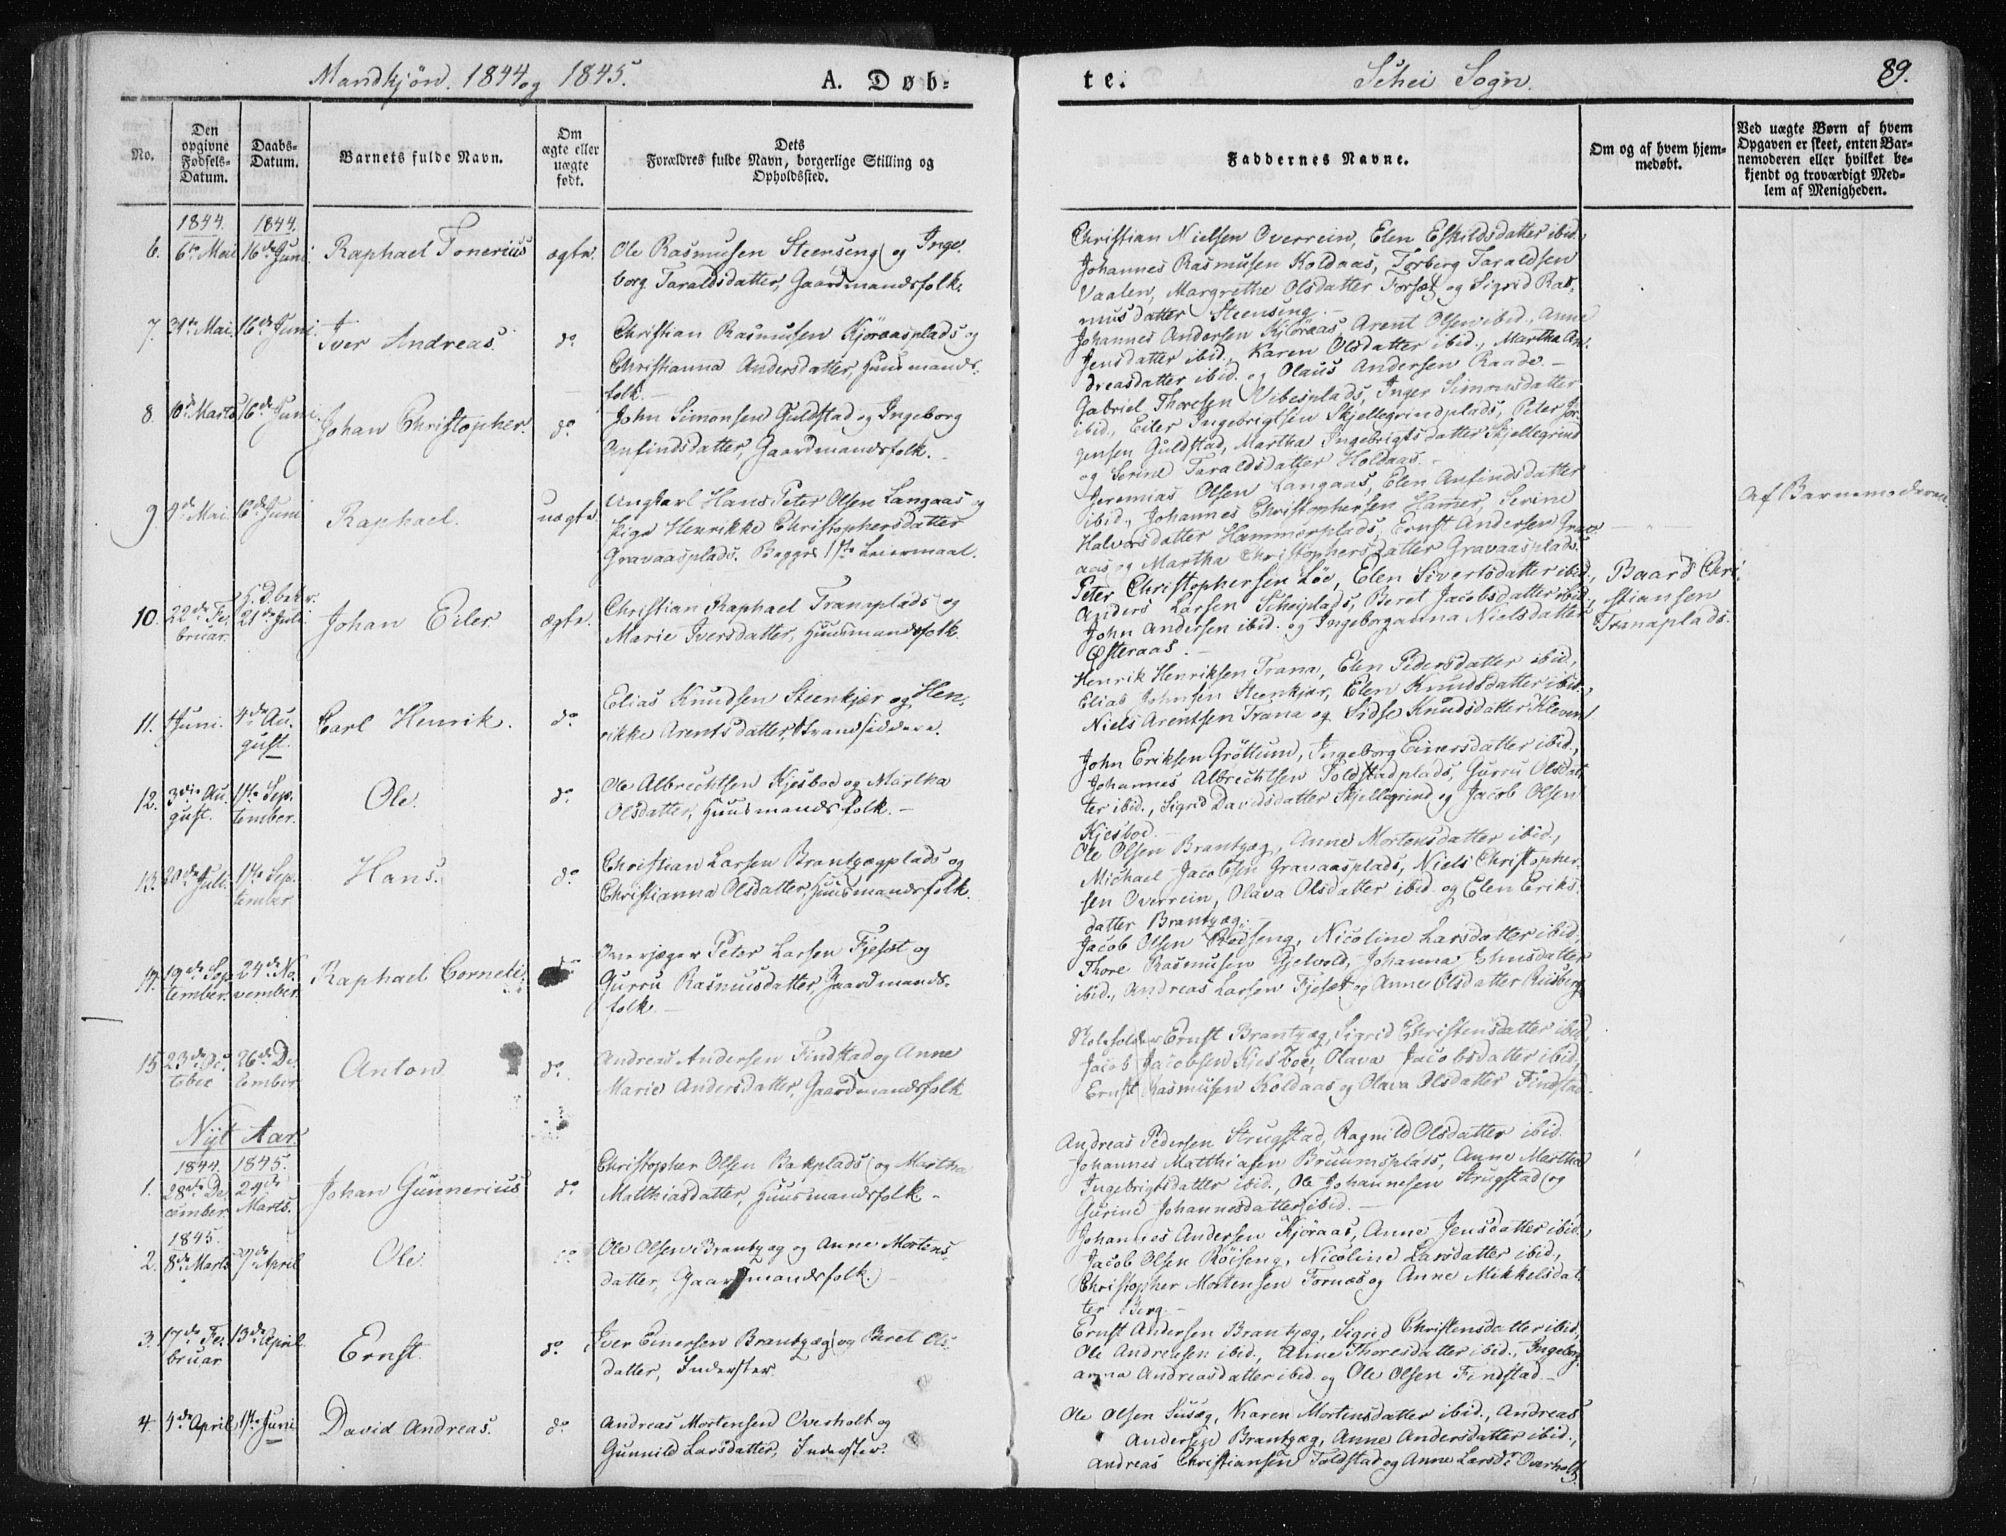 SAT, Ministerialprotokoller, klokkerbøker og fødselsregistre - Nord-Trøndelag, 735/L0339: Ministerialbok nr. 735A06 /2, 1836-1848, s. 89